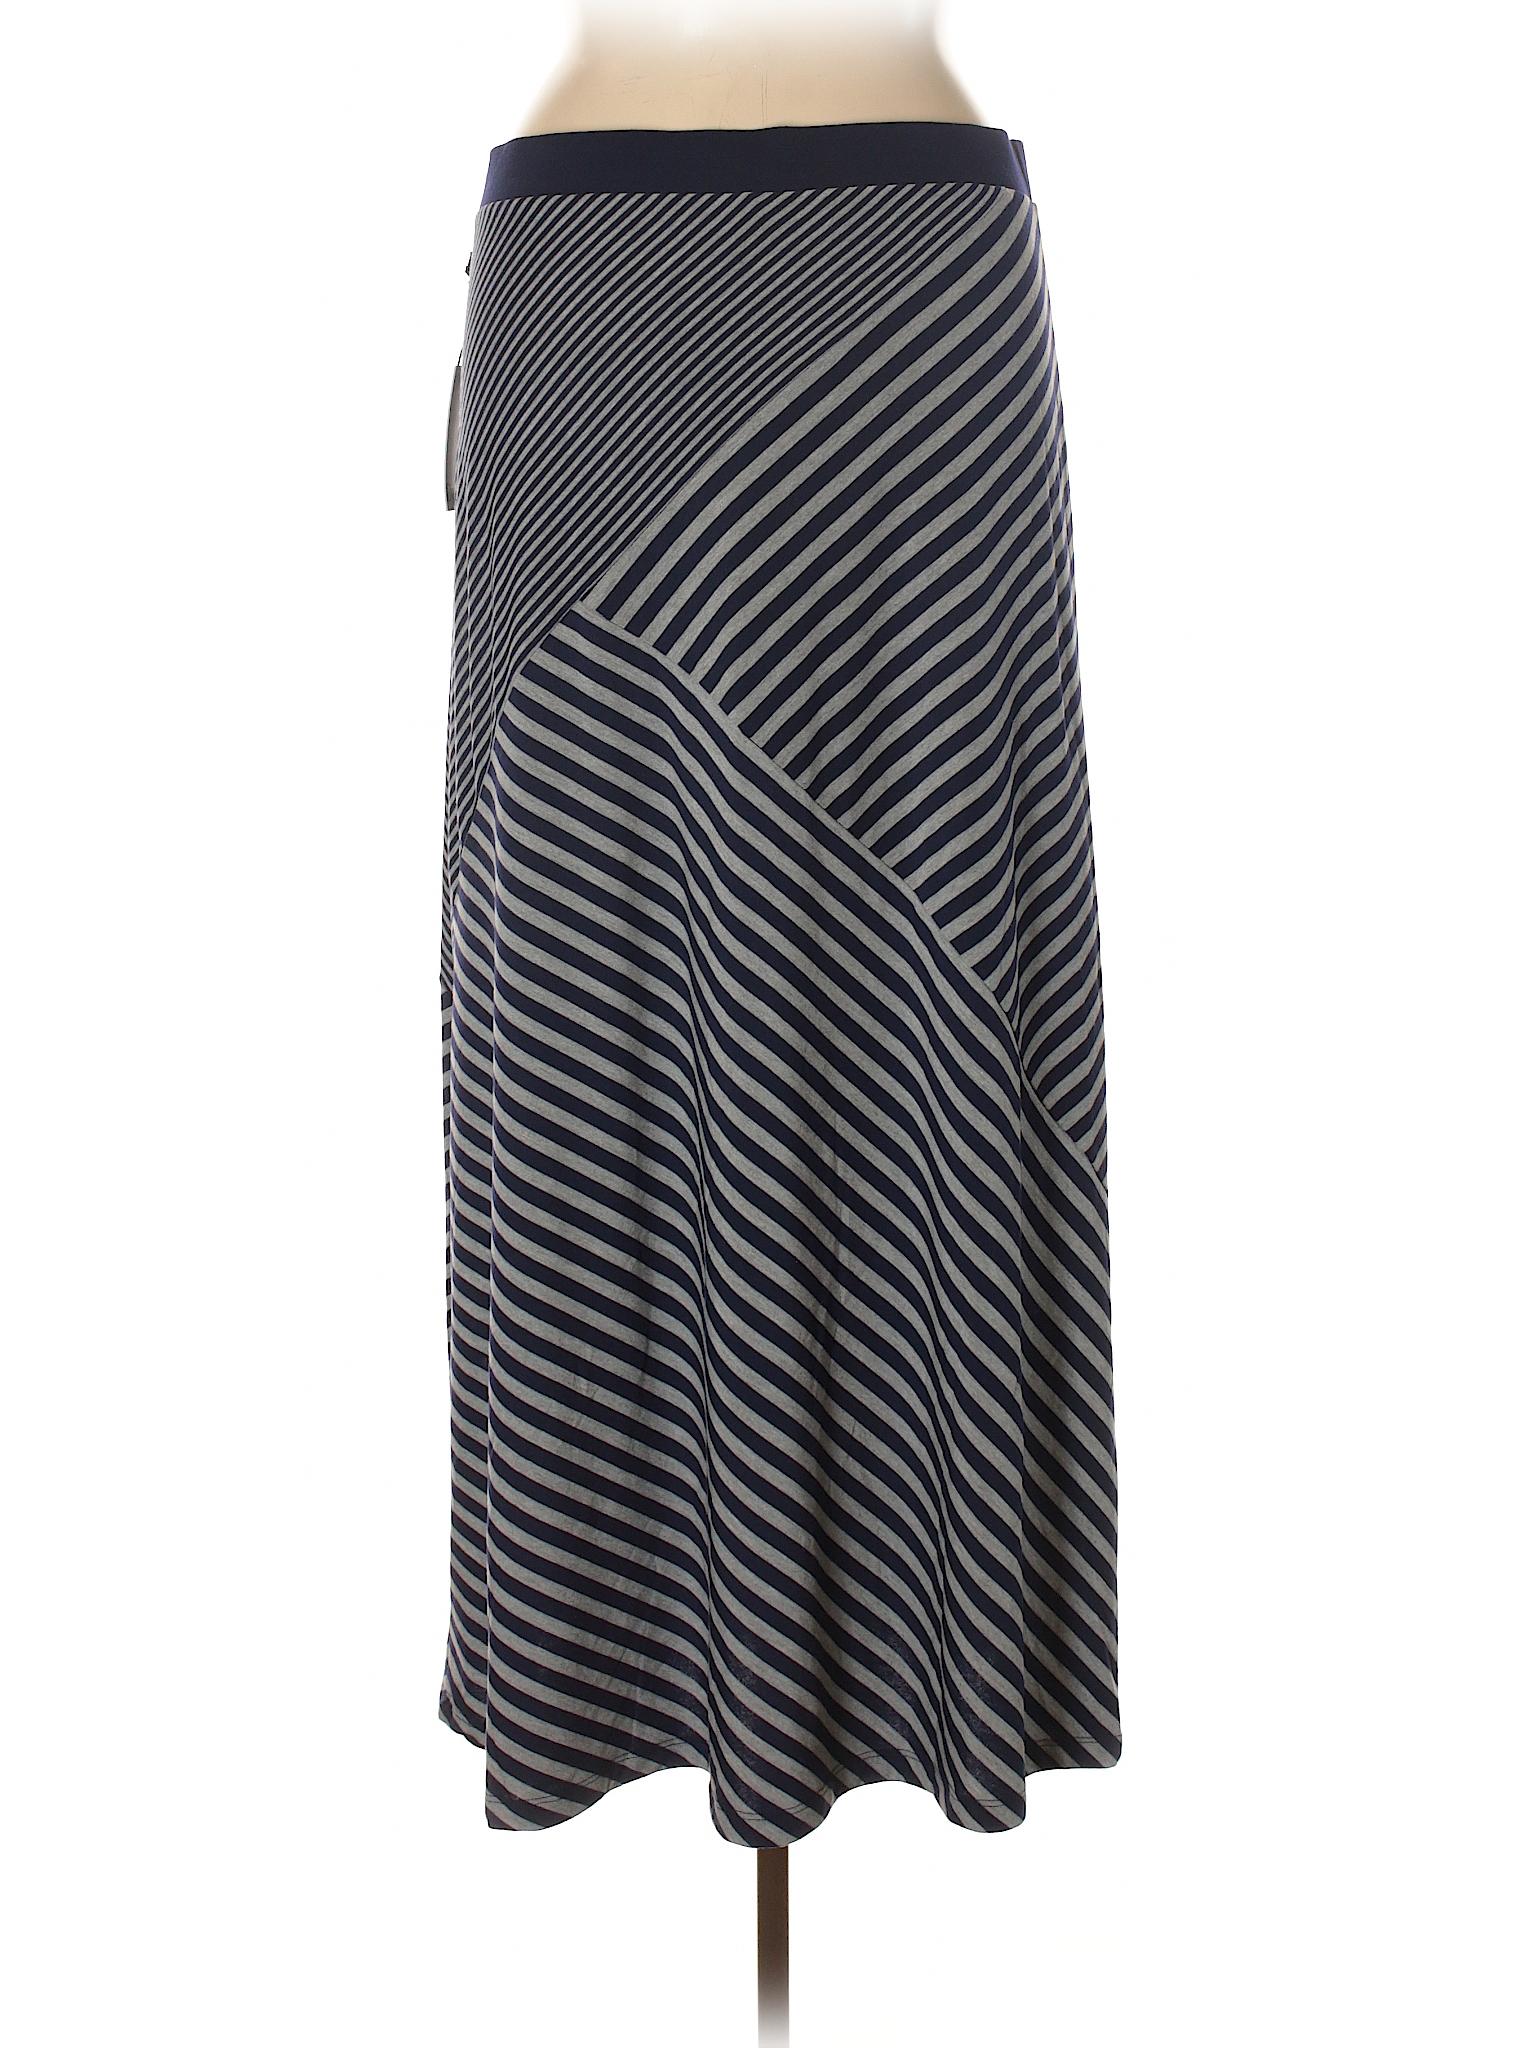 Dex Casual Boutique Casual Dex Skirt Boutique Casual Dex Skirt Boutique Boutique Skirt Dex xPPwz